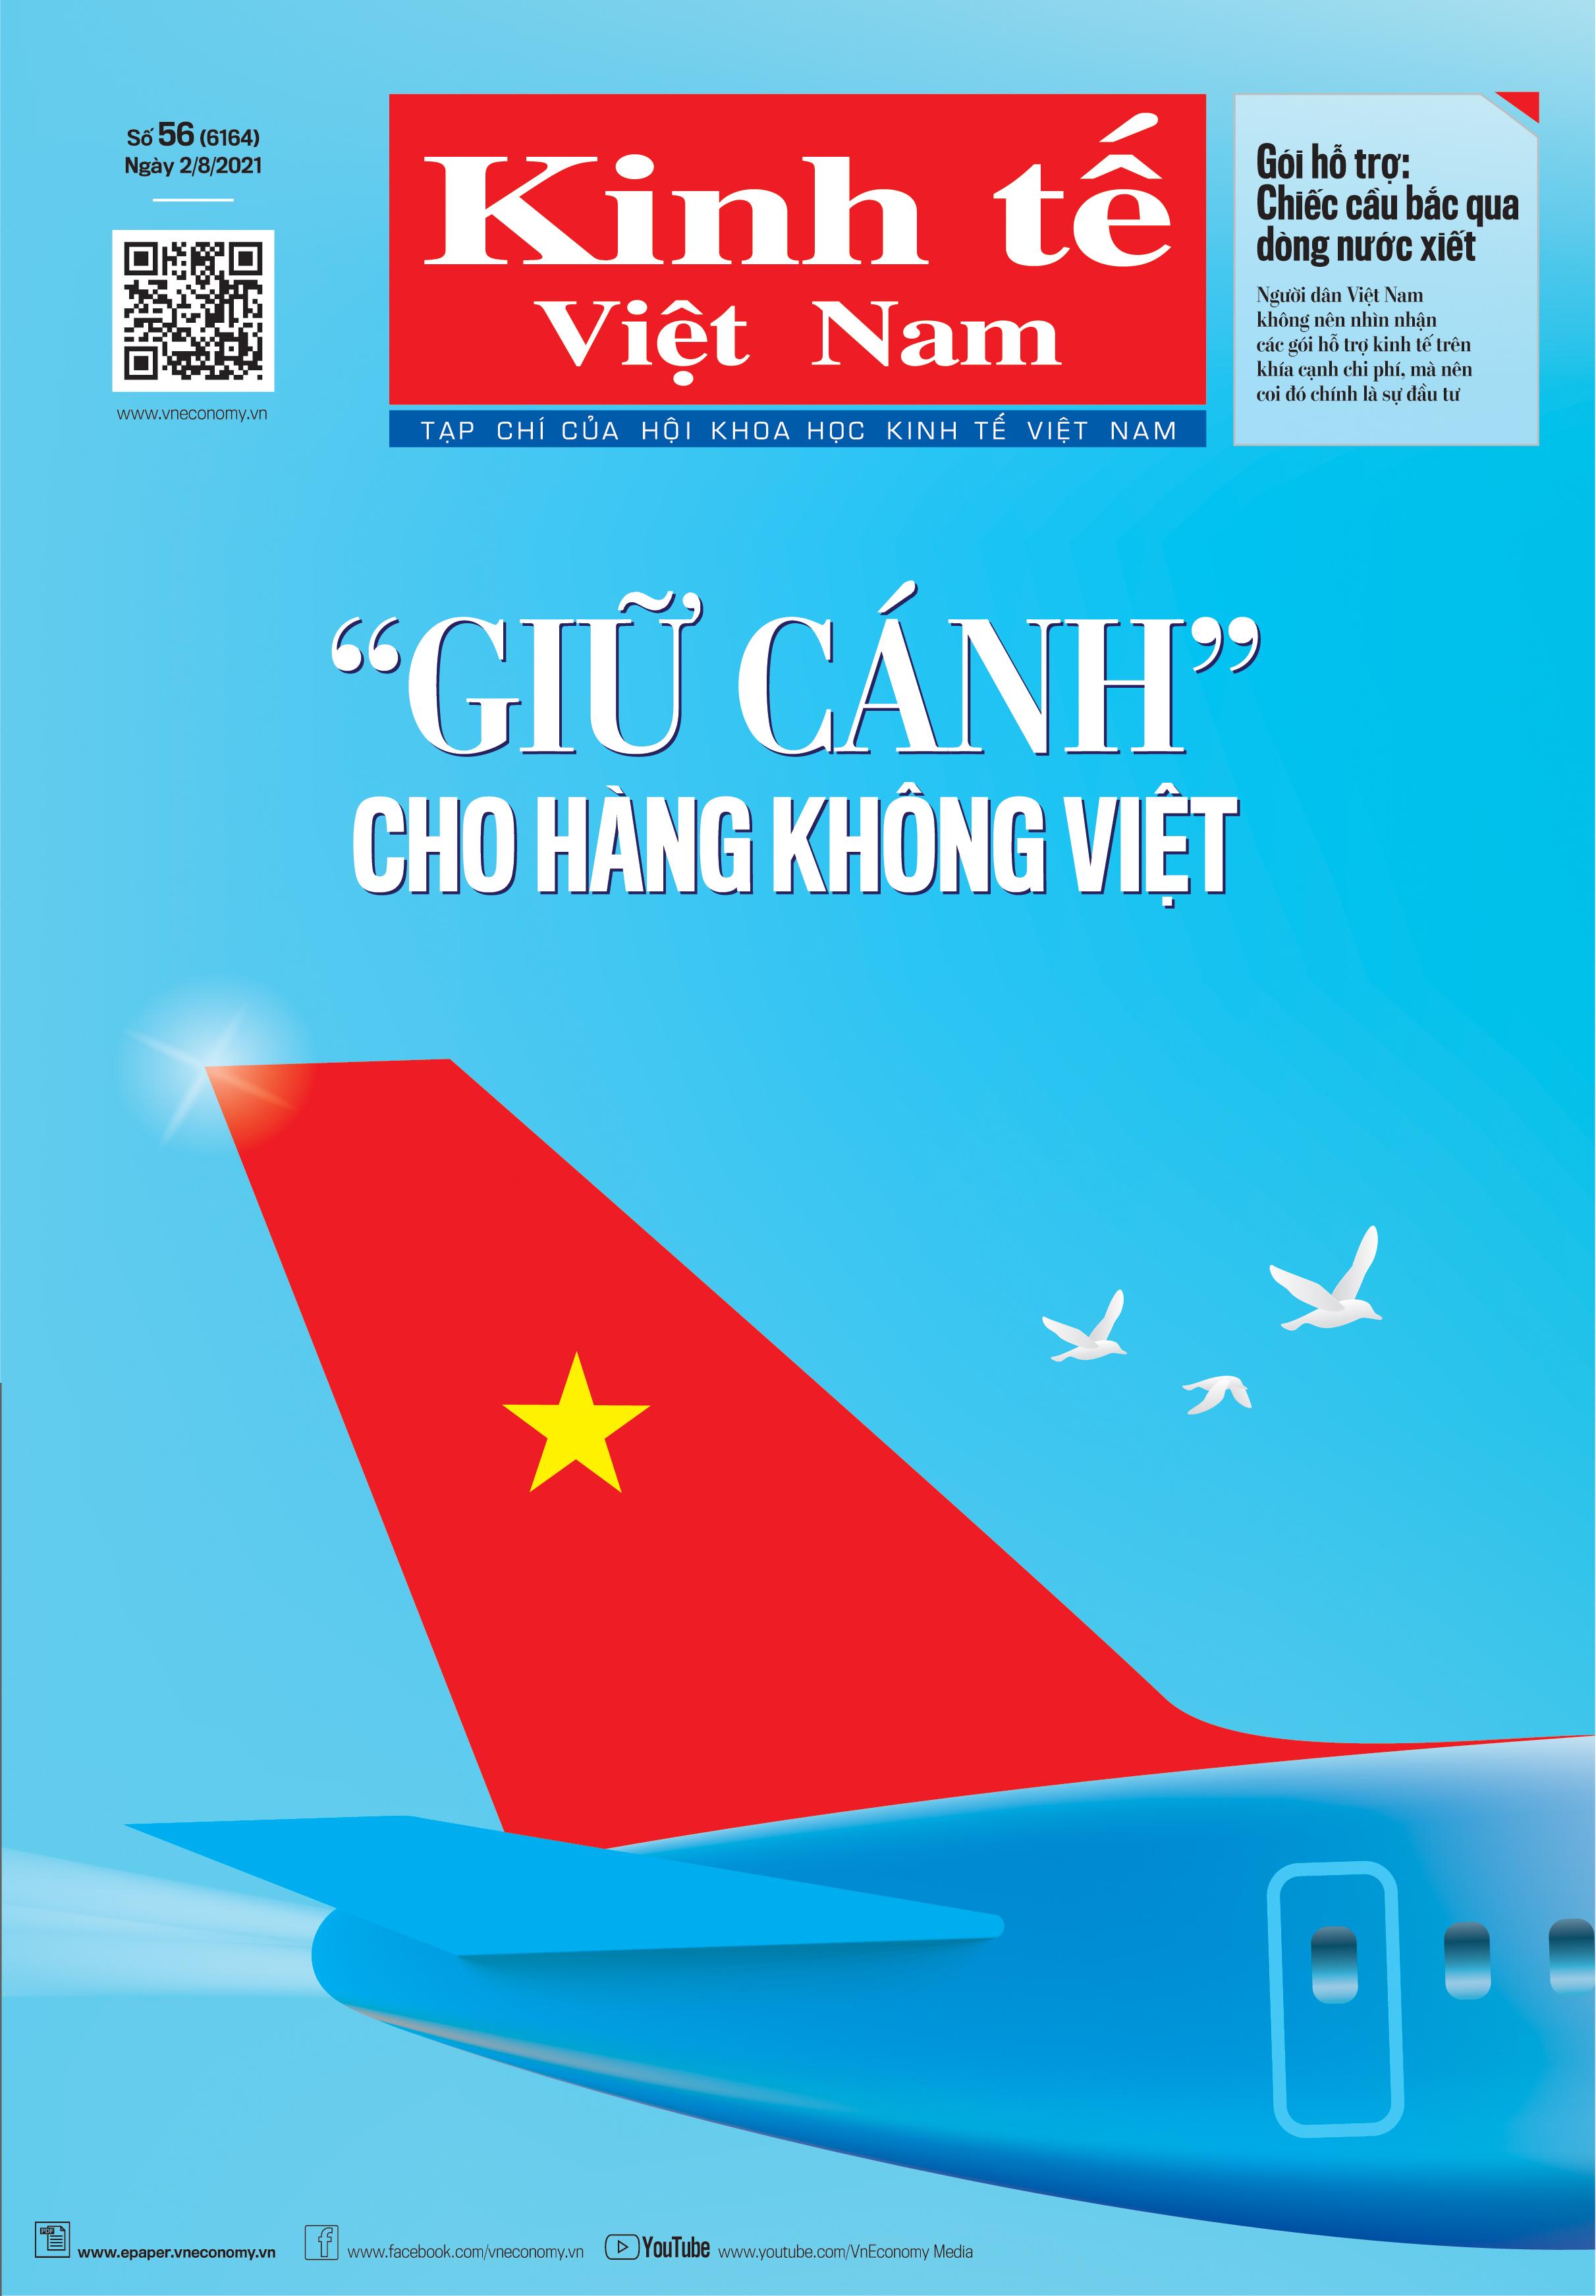 Kinh tế Việt Nam bộ mới số 56-2021.